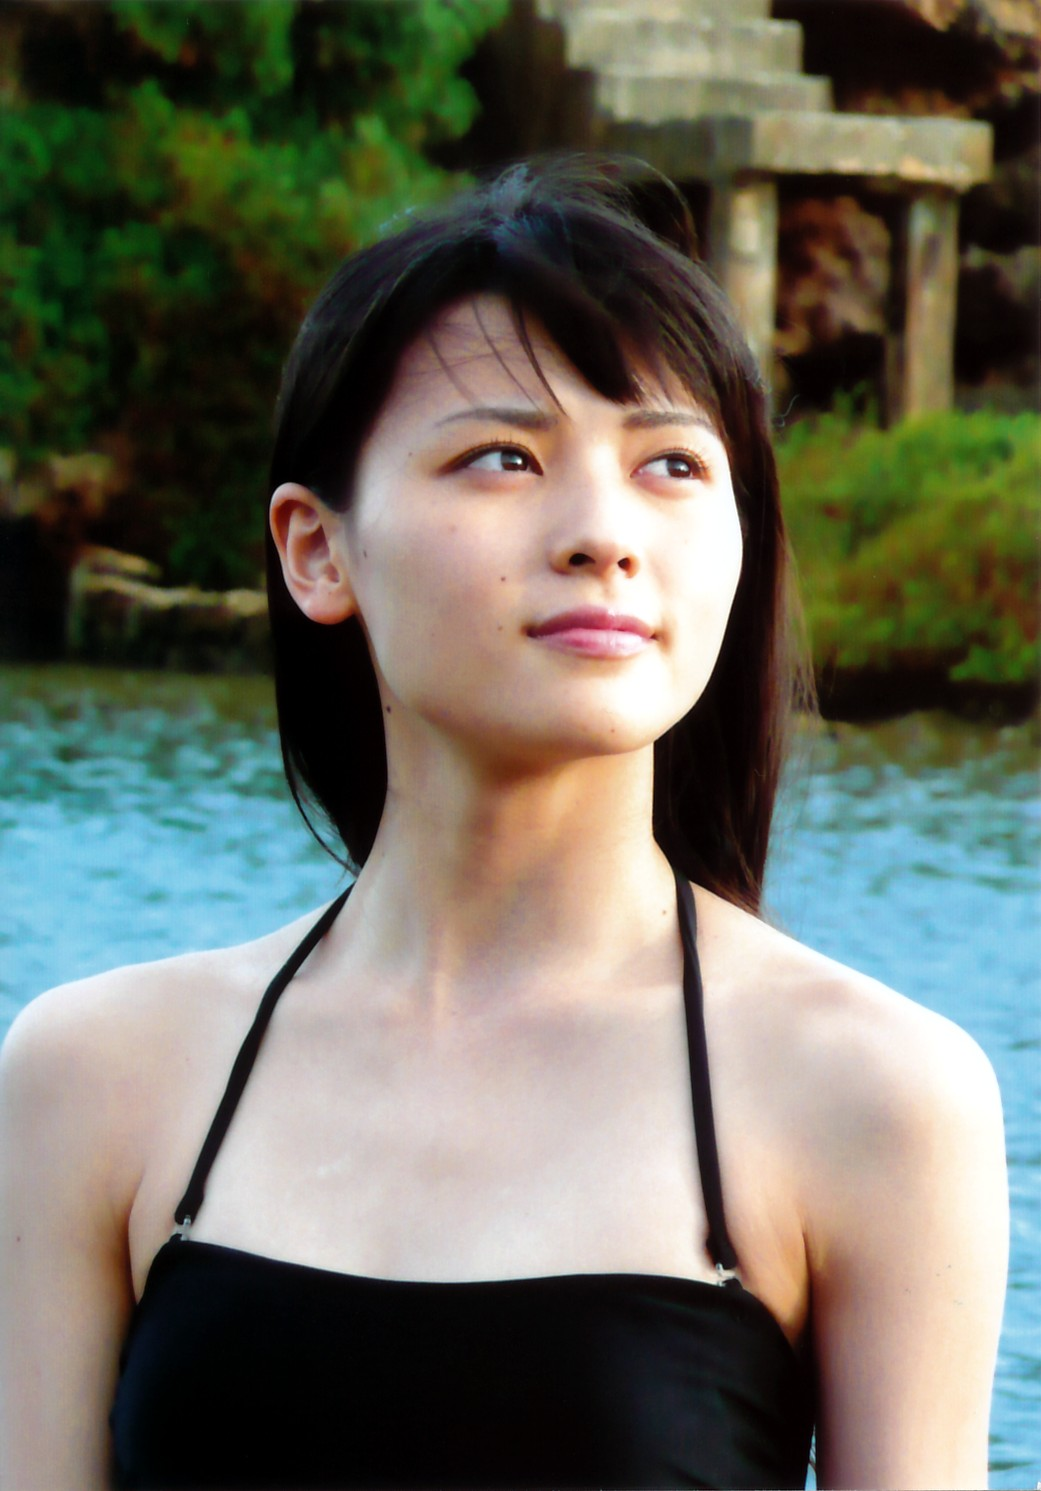 090710矢島舞美最新写真集『17』オフショット生写真1枚付き⑤